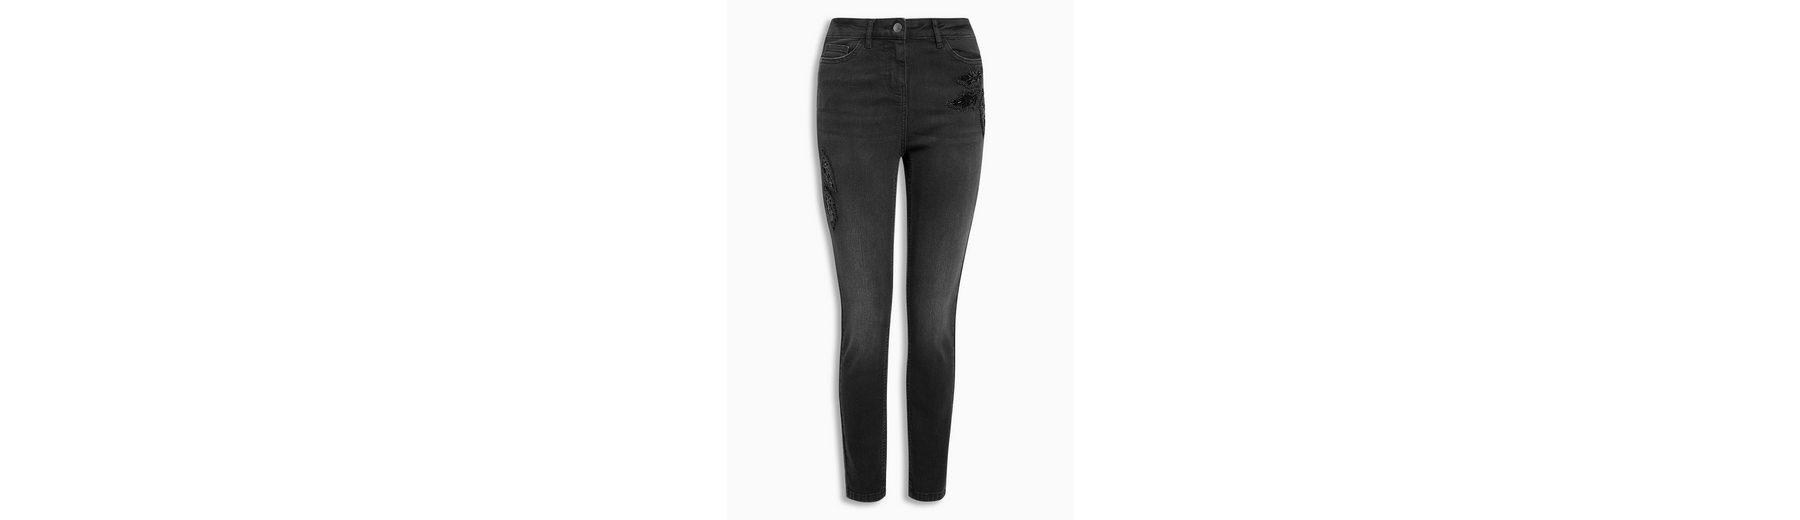 Next Jeans mit Zierdetails Auf Der Suche Nach Billig 100% Authentisch Spielraum Günstiger Preis Am Billigsten Mpdnd7